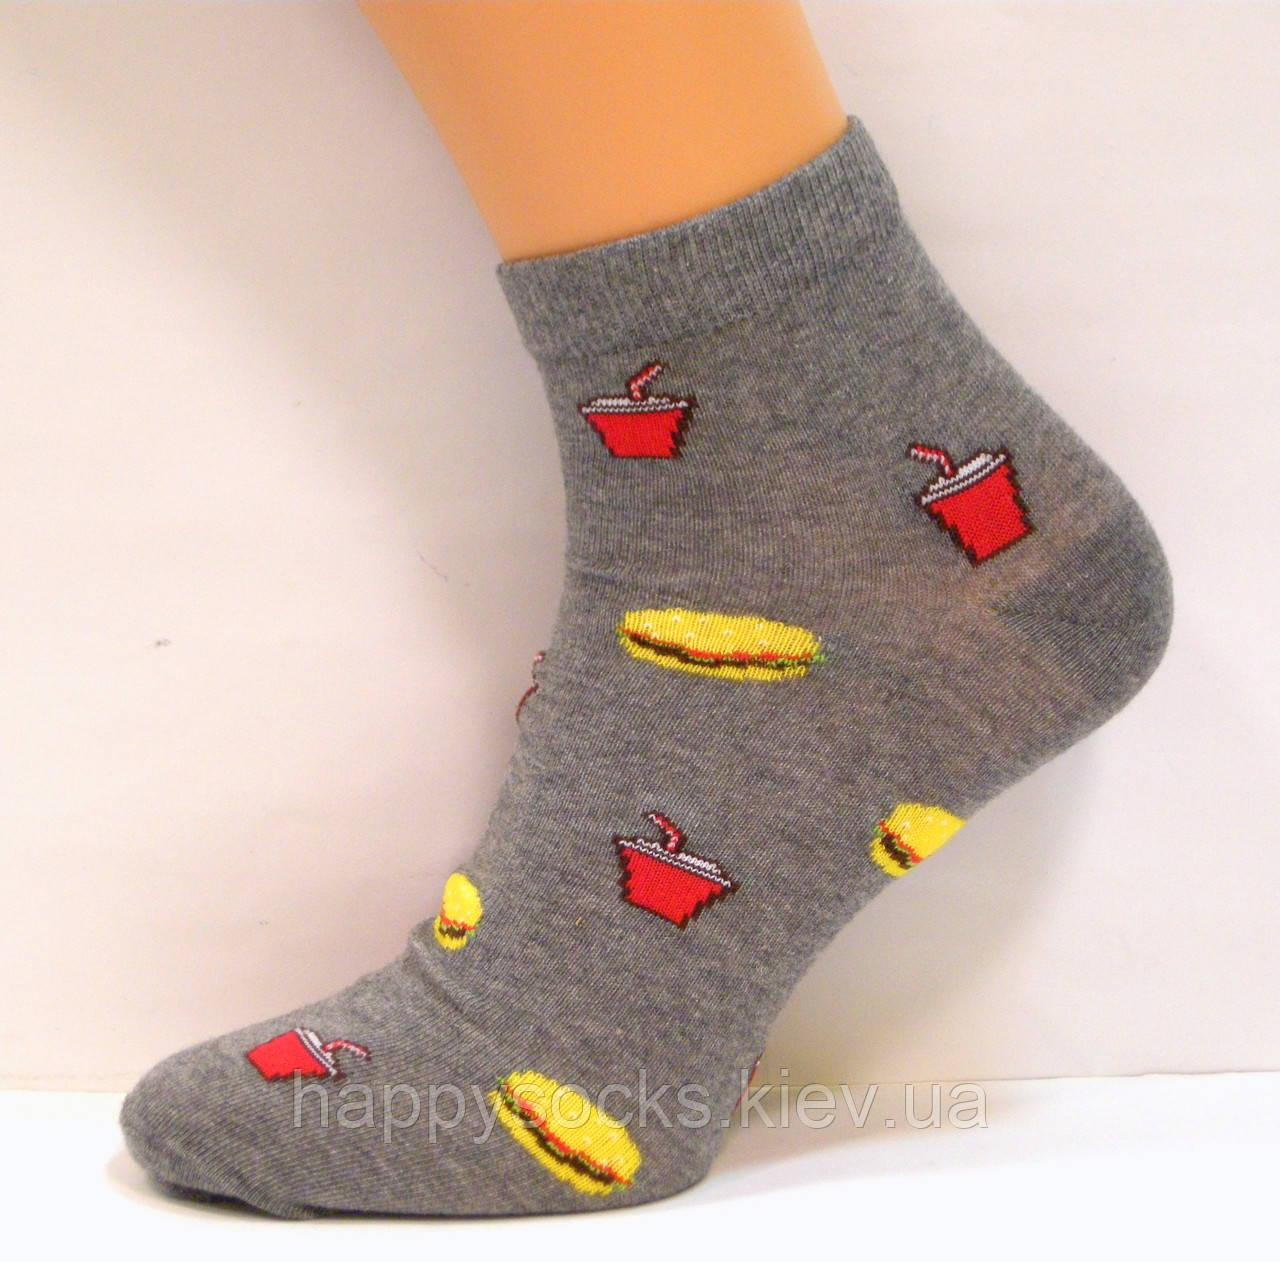 Цветные носки хлопковые с рисунком фастфуд